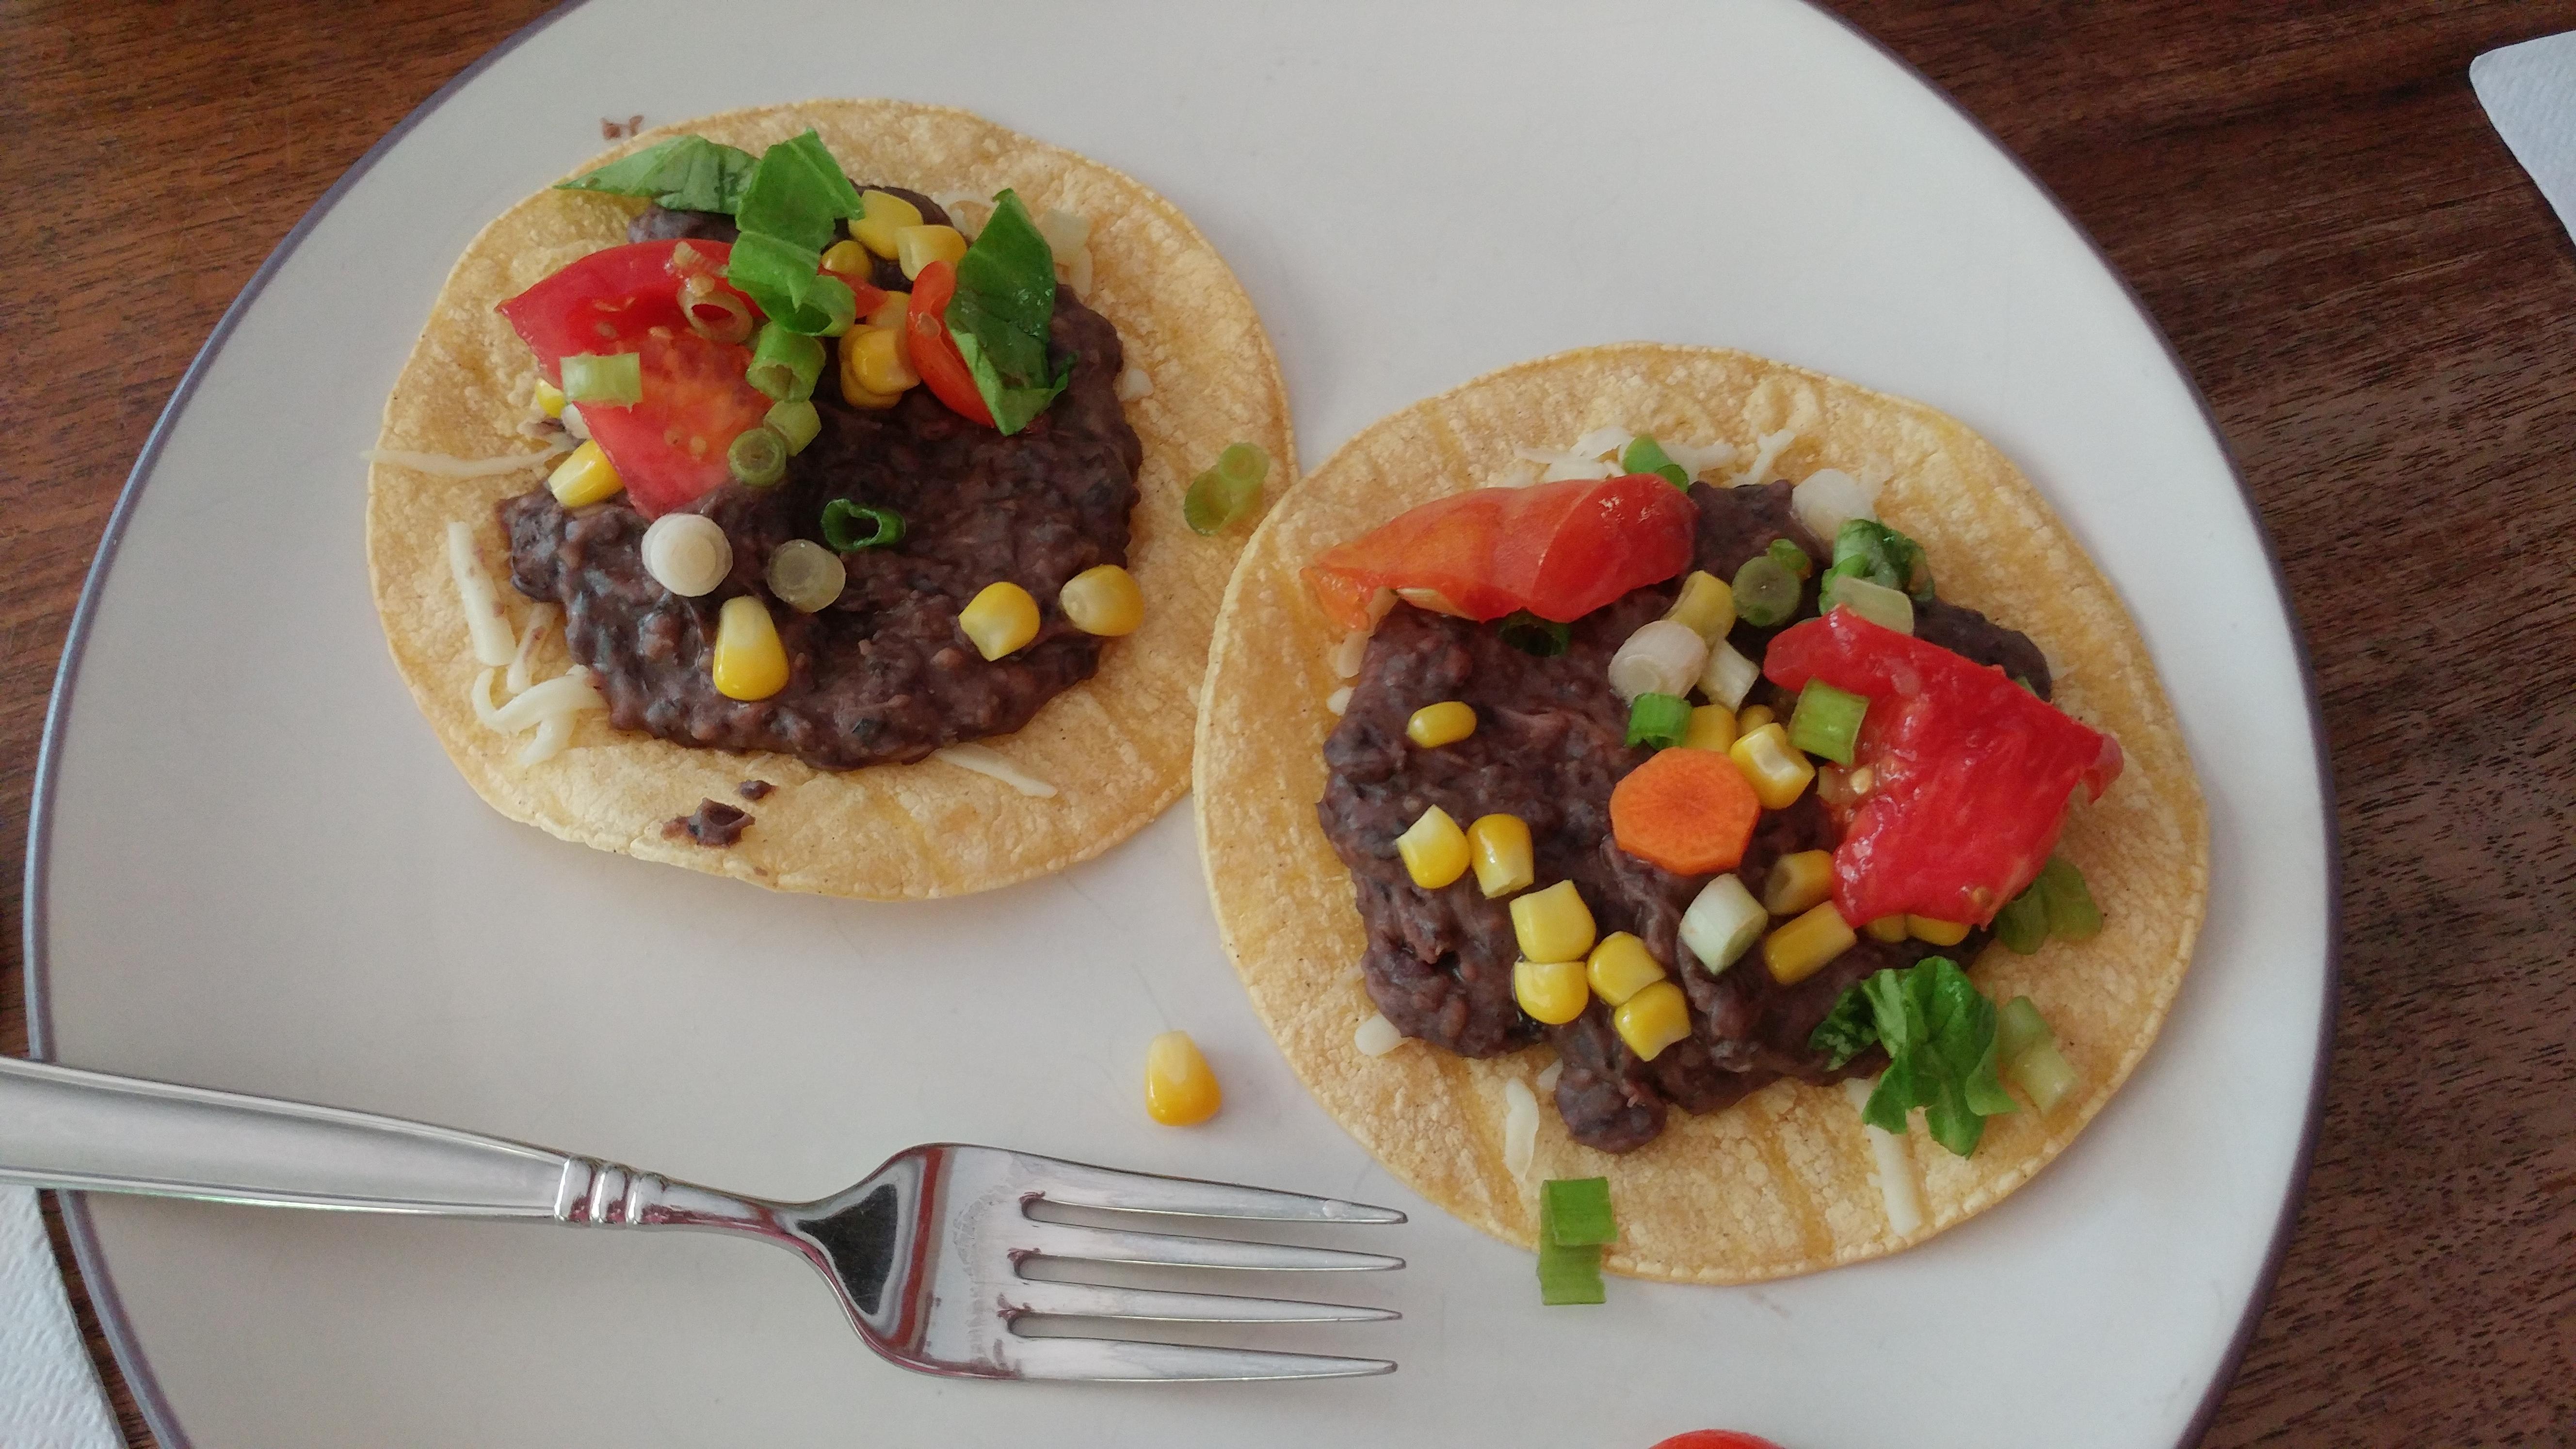 Eclipse lunch: tostadas